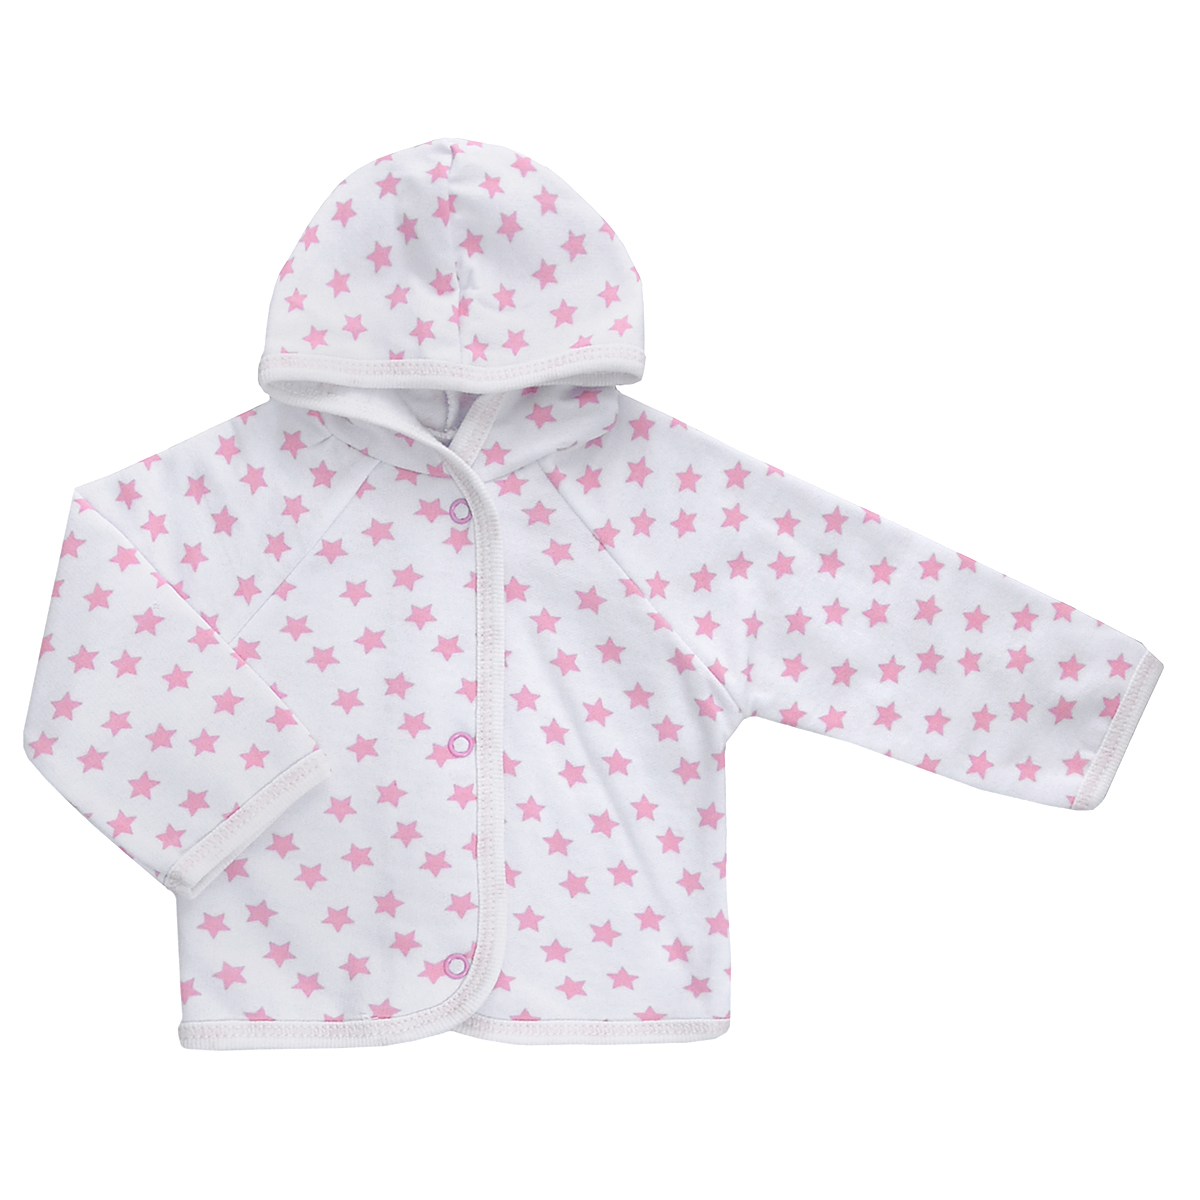 Кофточка детская Трон-плюс, цвет: белый, розовый, рисунок звезды. 5172. Размер 68, 6 месяцев5172Теплая кофточка Трон-плюс идеально подойдет вашему младенцу и станет идеальным дополнением к гардеробу вашего ребенка, обеспечивая ему наибольший комфорт. Изготовленная из футера - натурального хлопка, она необычайно мягкая и легкая, не раздражает нежную кожу ребенка и хорошо вентилируется, а эластичные швы приятны телу малыша и не препятствуют его движениям. Удобные застежки-кнопки по всей длине помогают легко переодеть младенца. Модель с длинными рукавами-реглан дополнена капюшоном. По краям кофточка обработана бейкой и украшена оригинальным принтом.Кофточка полностью соответствует особенностям жизни ребенка в ранний период, не стесняя и не ограничивая его в движениях.